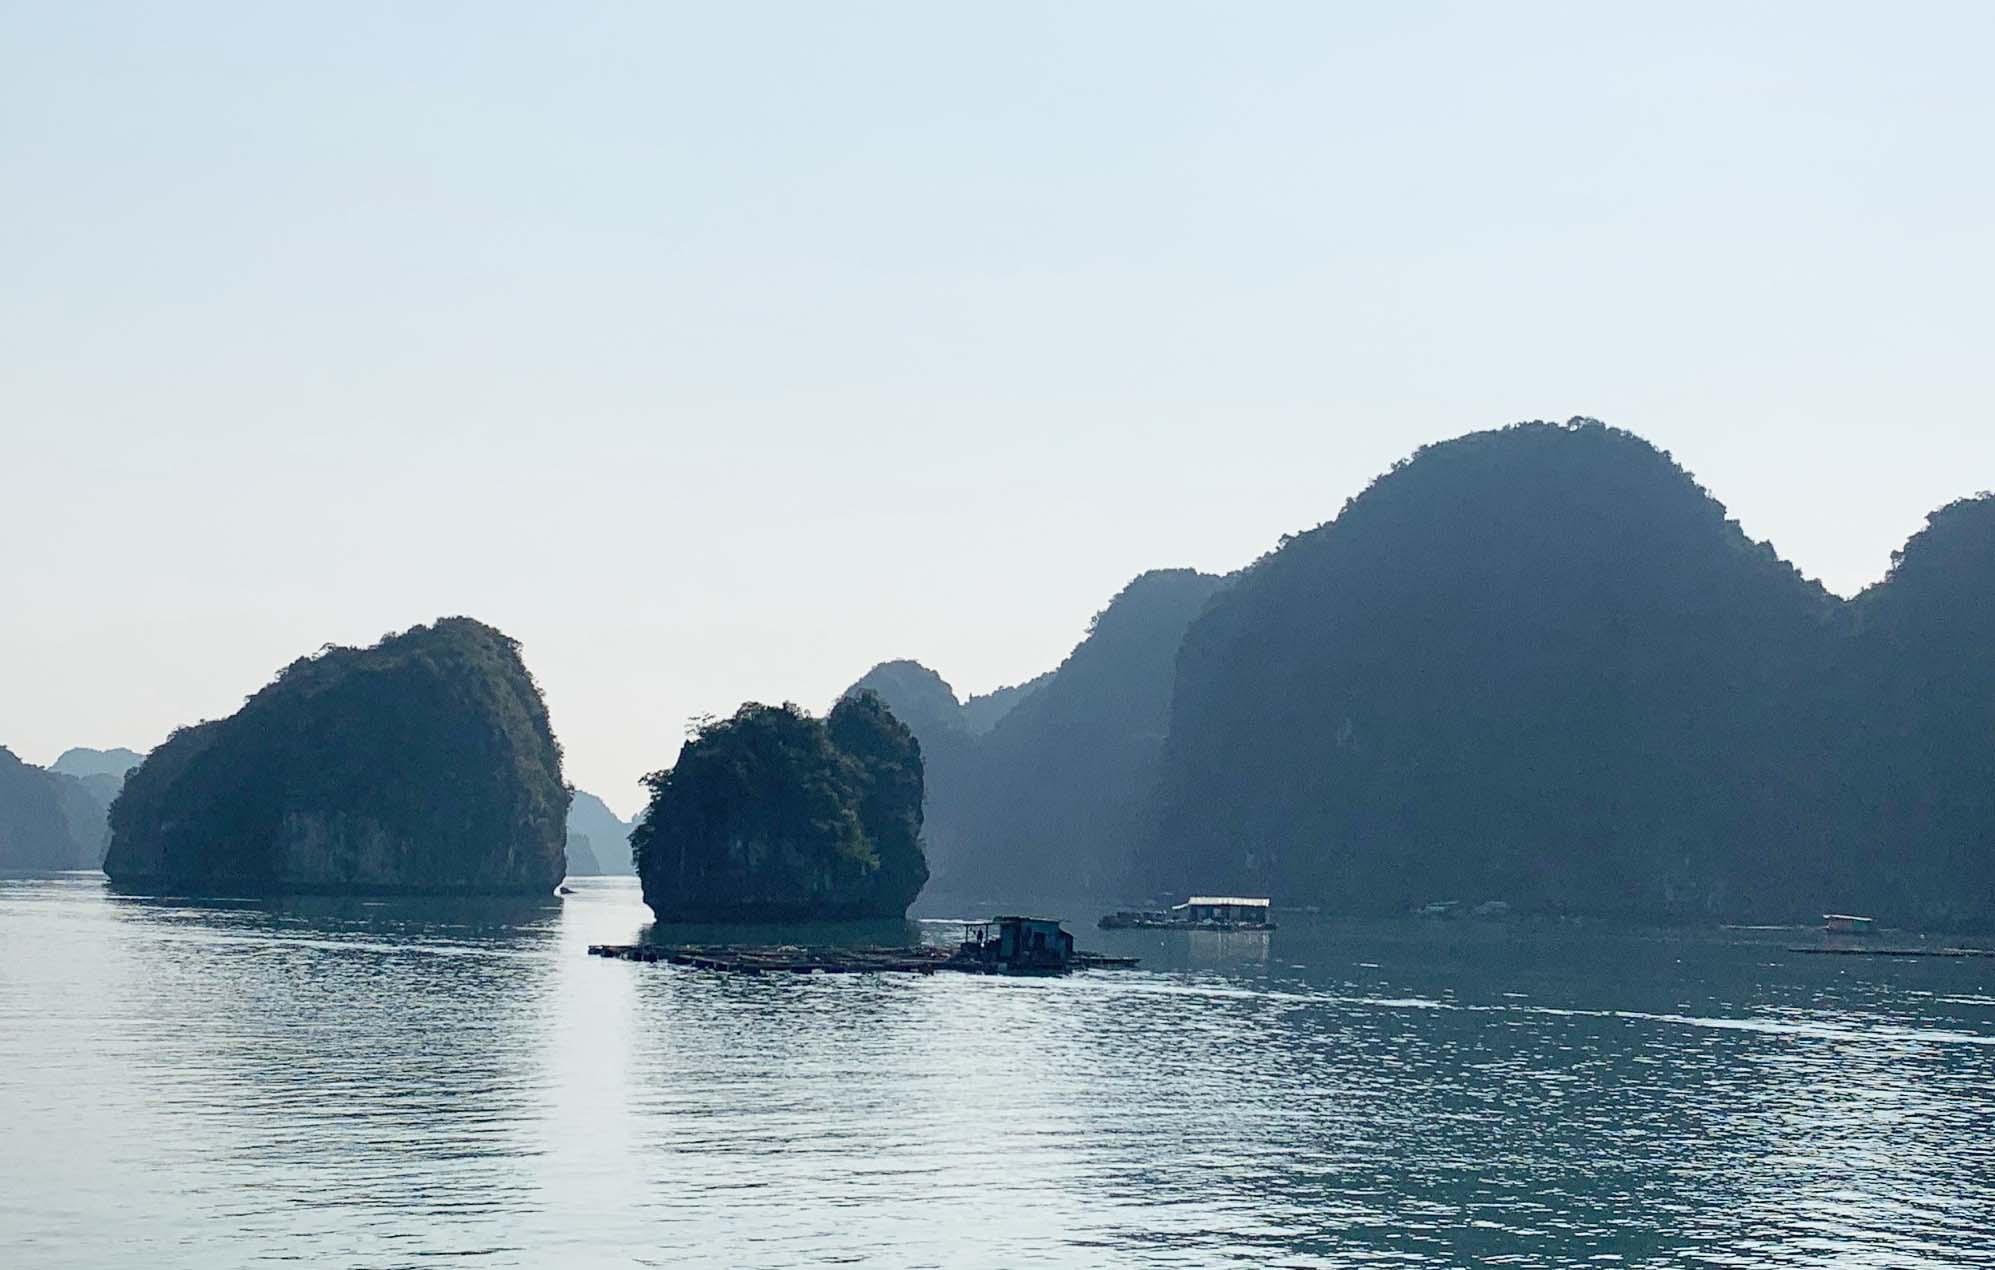 """Tour du lịch Tết: Vịnh Lan Hạ, Cát Bà - """"Thiên đường bị bỏ quên"""" - Ảnh 13."""